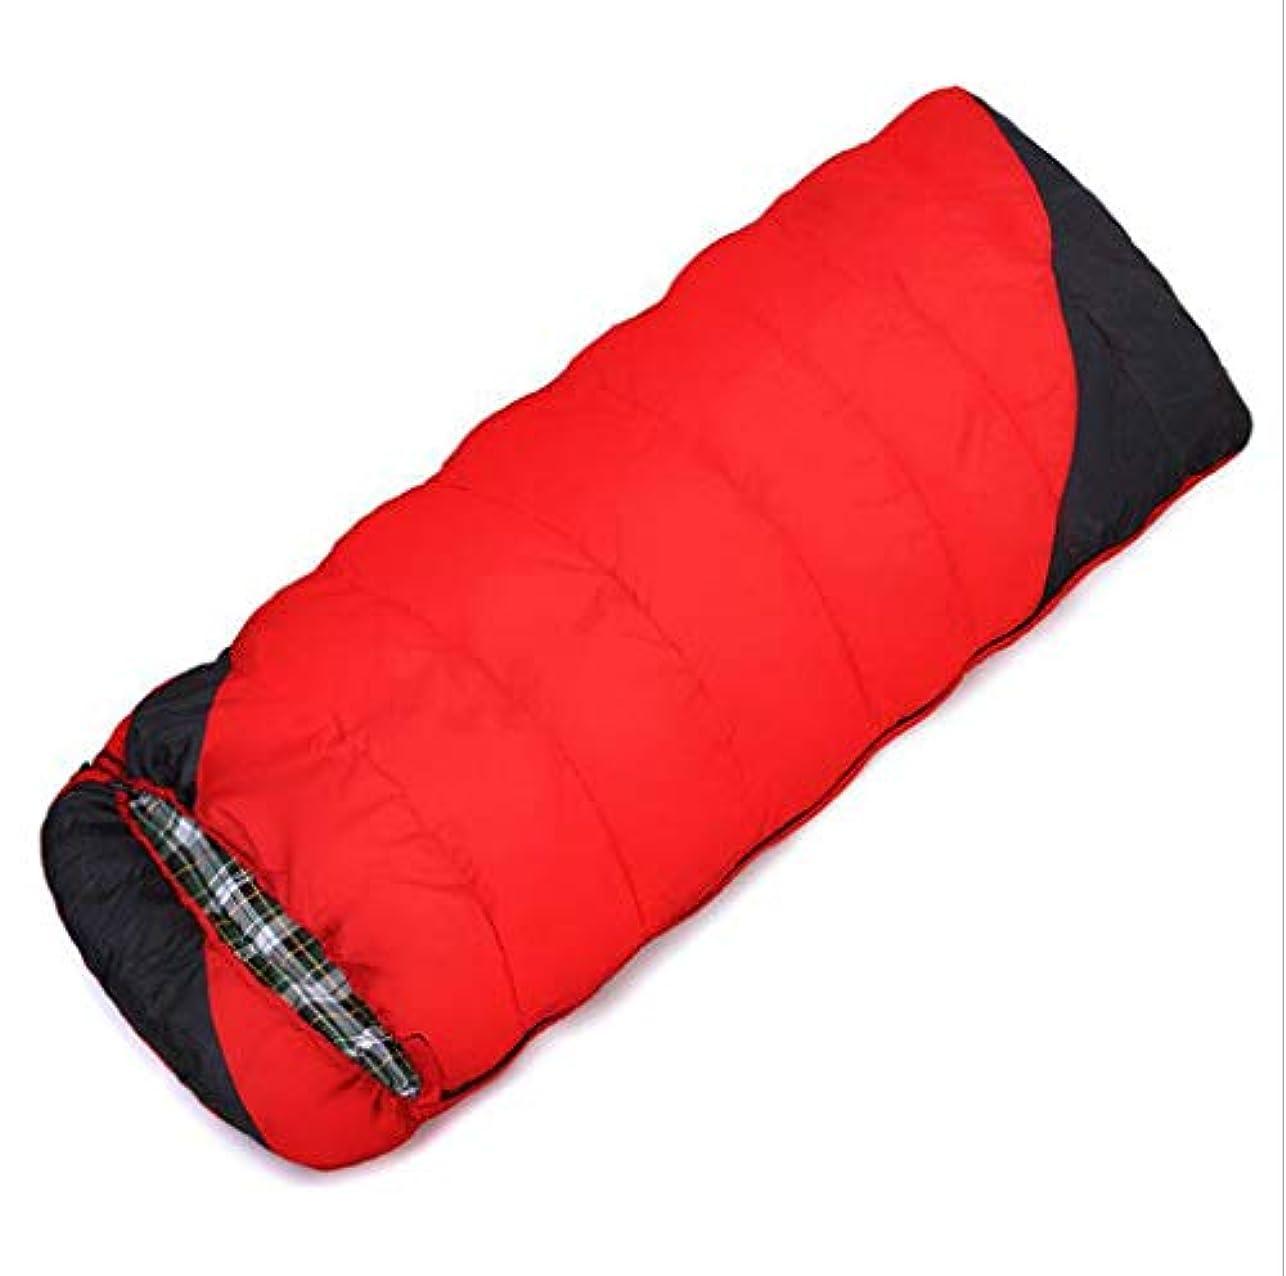 歪める幾分ひねくれたJSHFD 寝袋 冬 アウトドア キャンプ 封筒 フード付き ダウン 寝袋 大人 キャンプ 旅行 寝袋